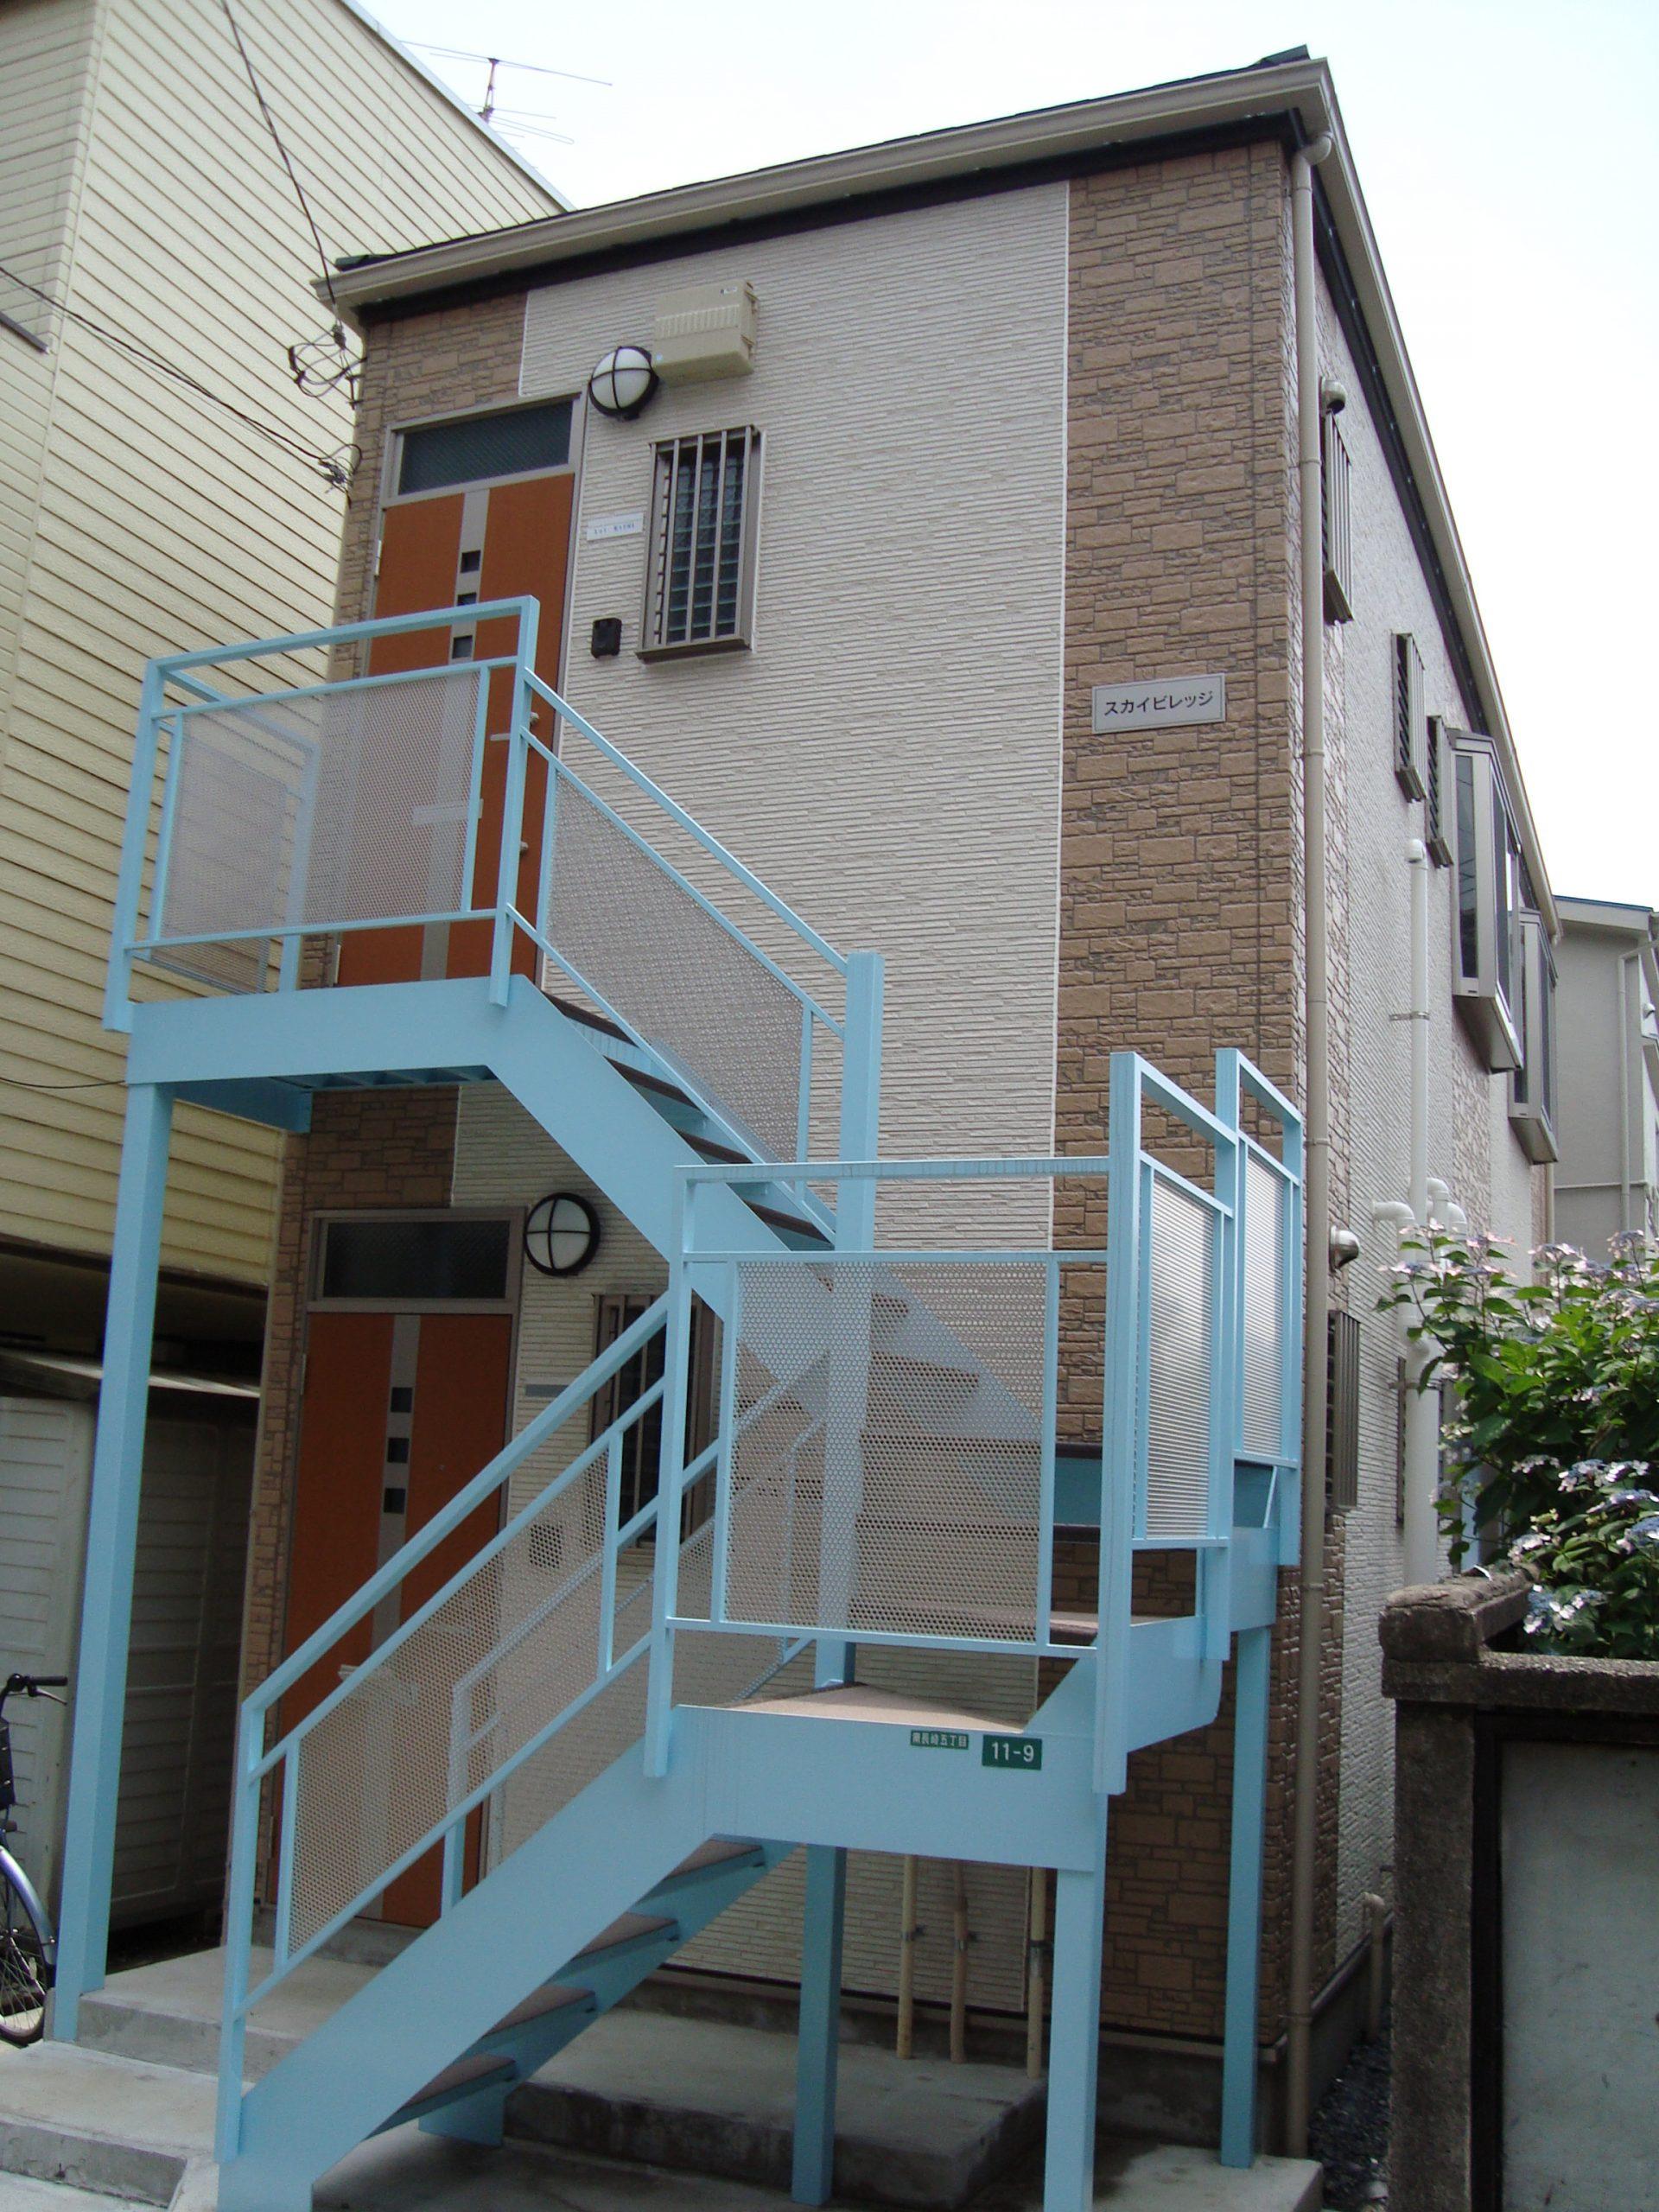 アパート、マンション建築